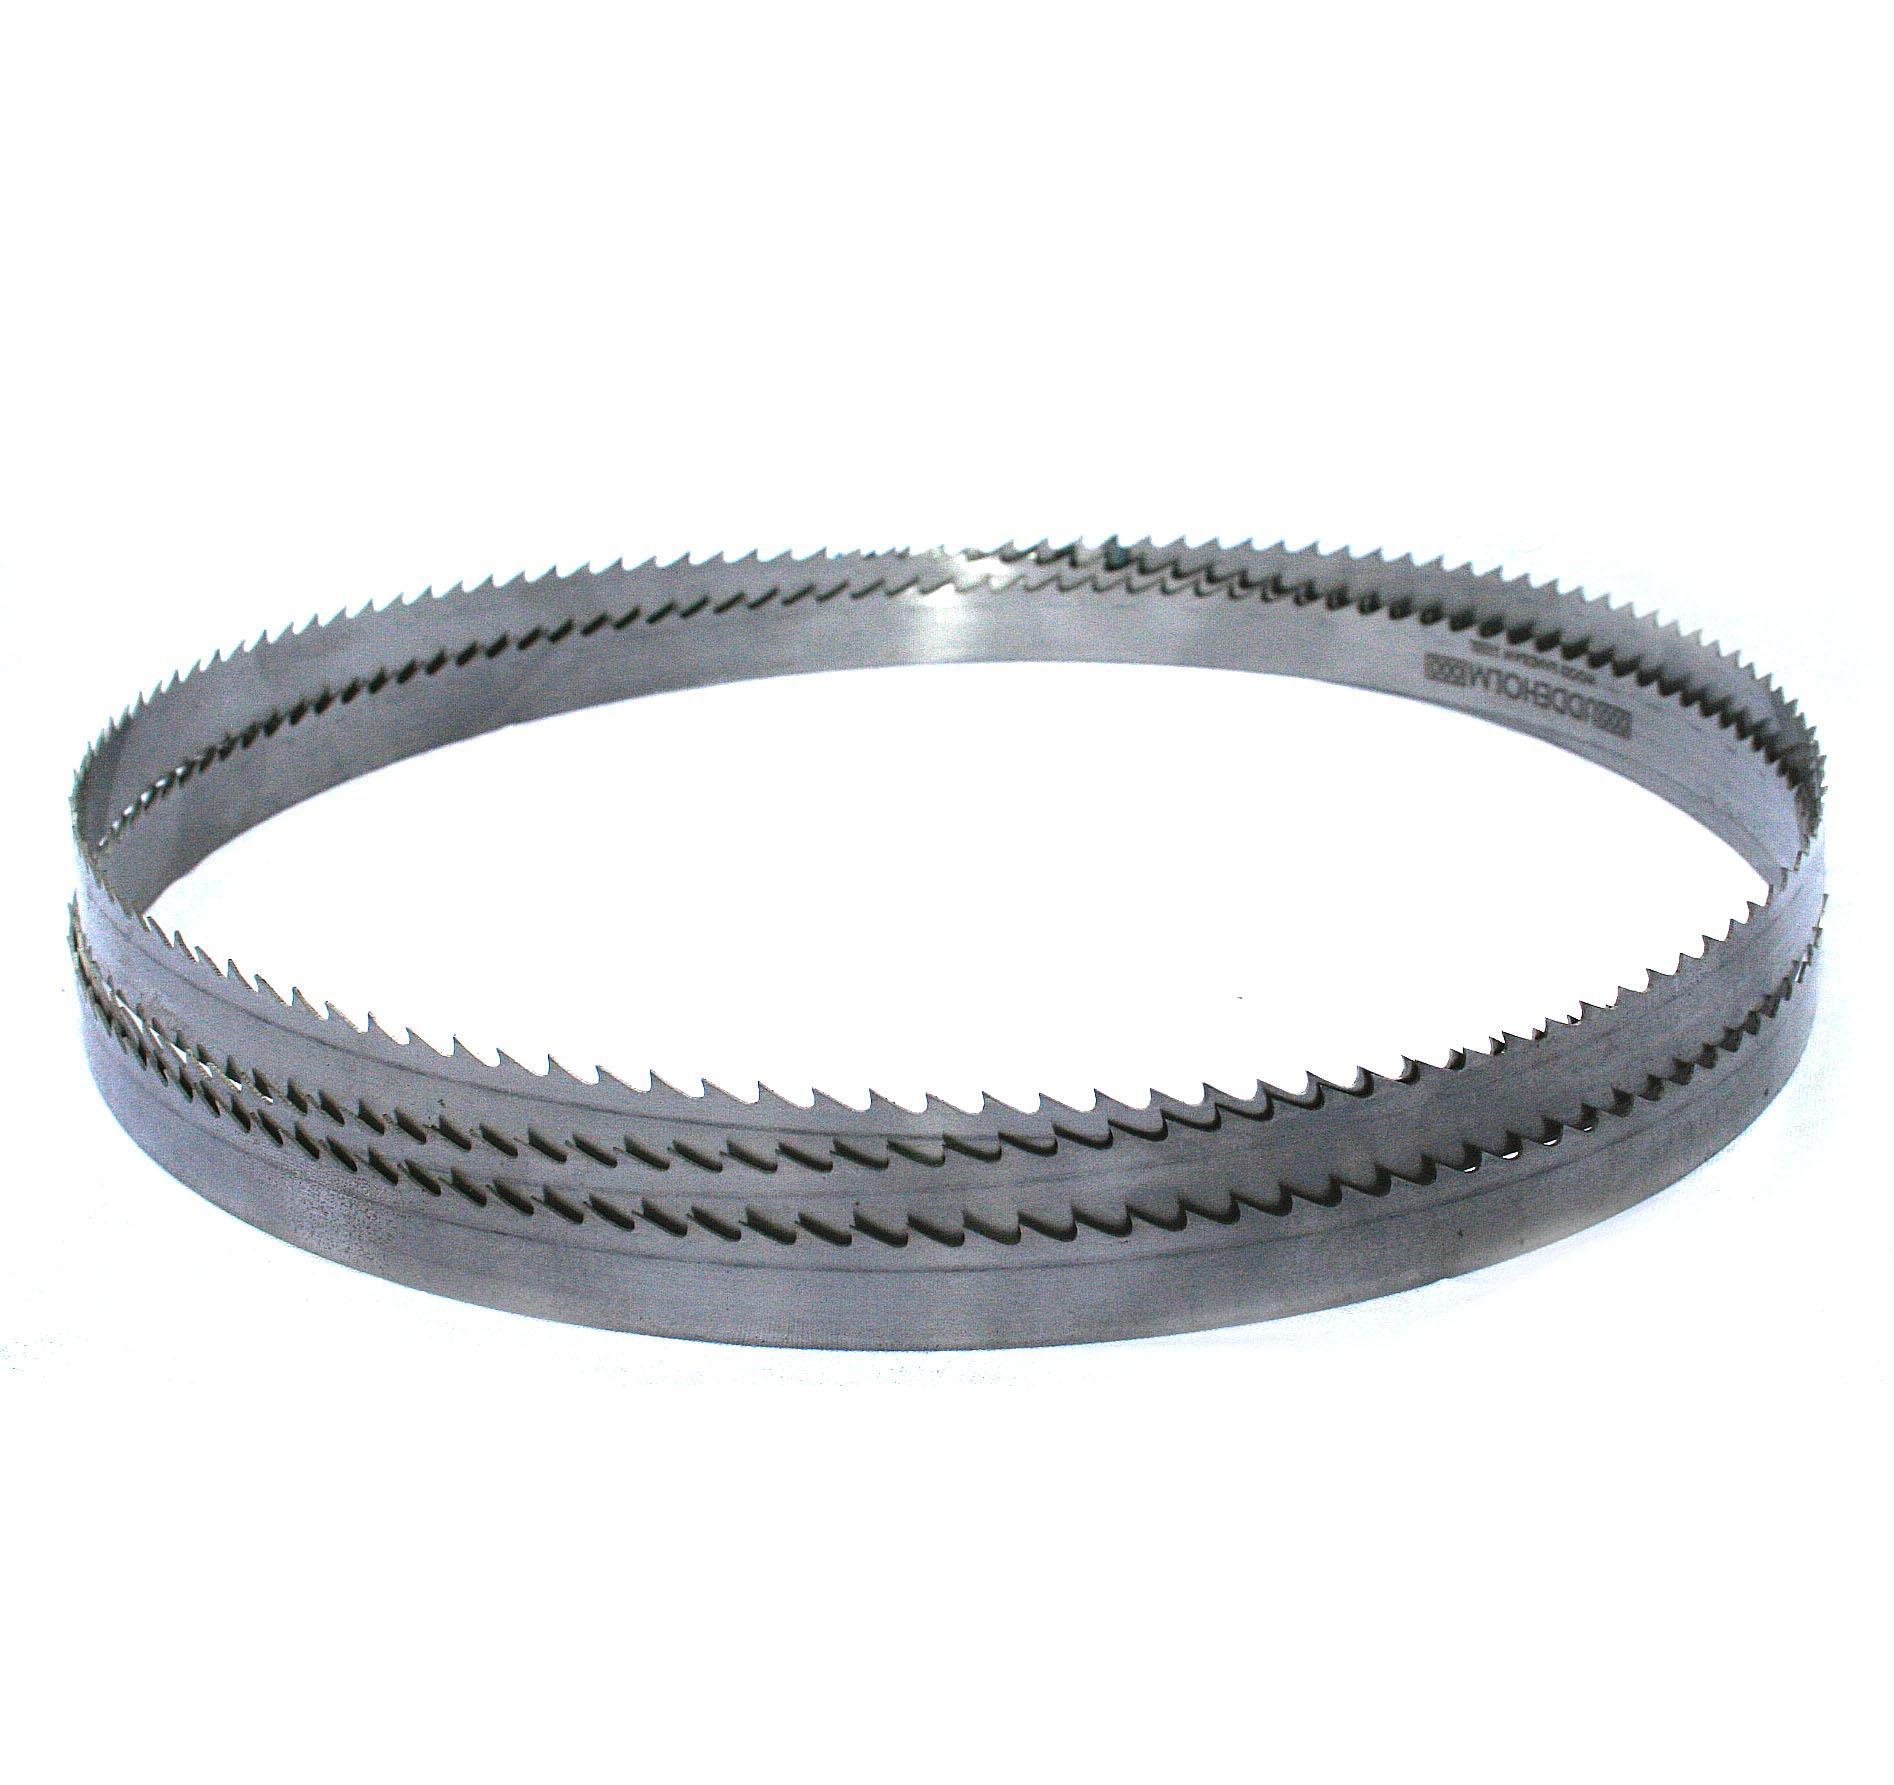 Sägeband 1830 mm von 6-20 mm Breite für Bandsägen (Holz) Sägeband mit 15mm Breite